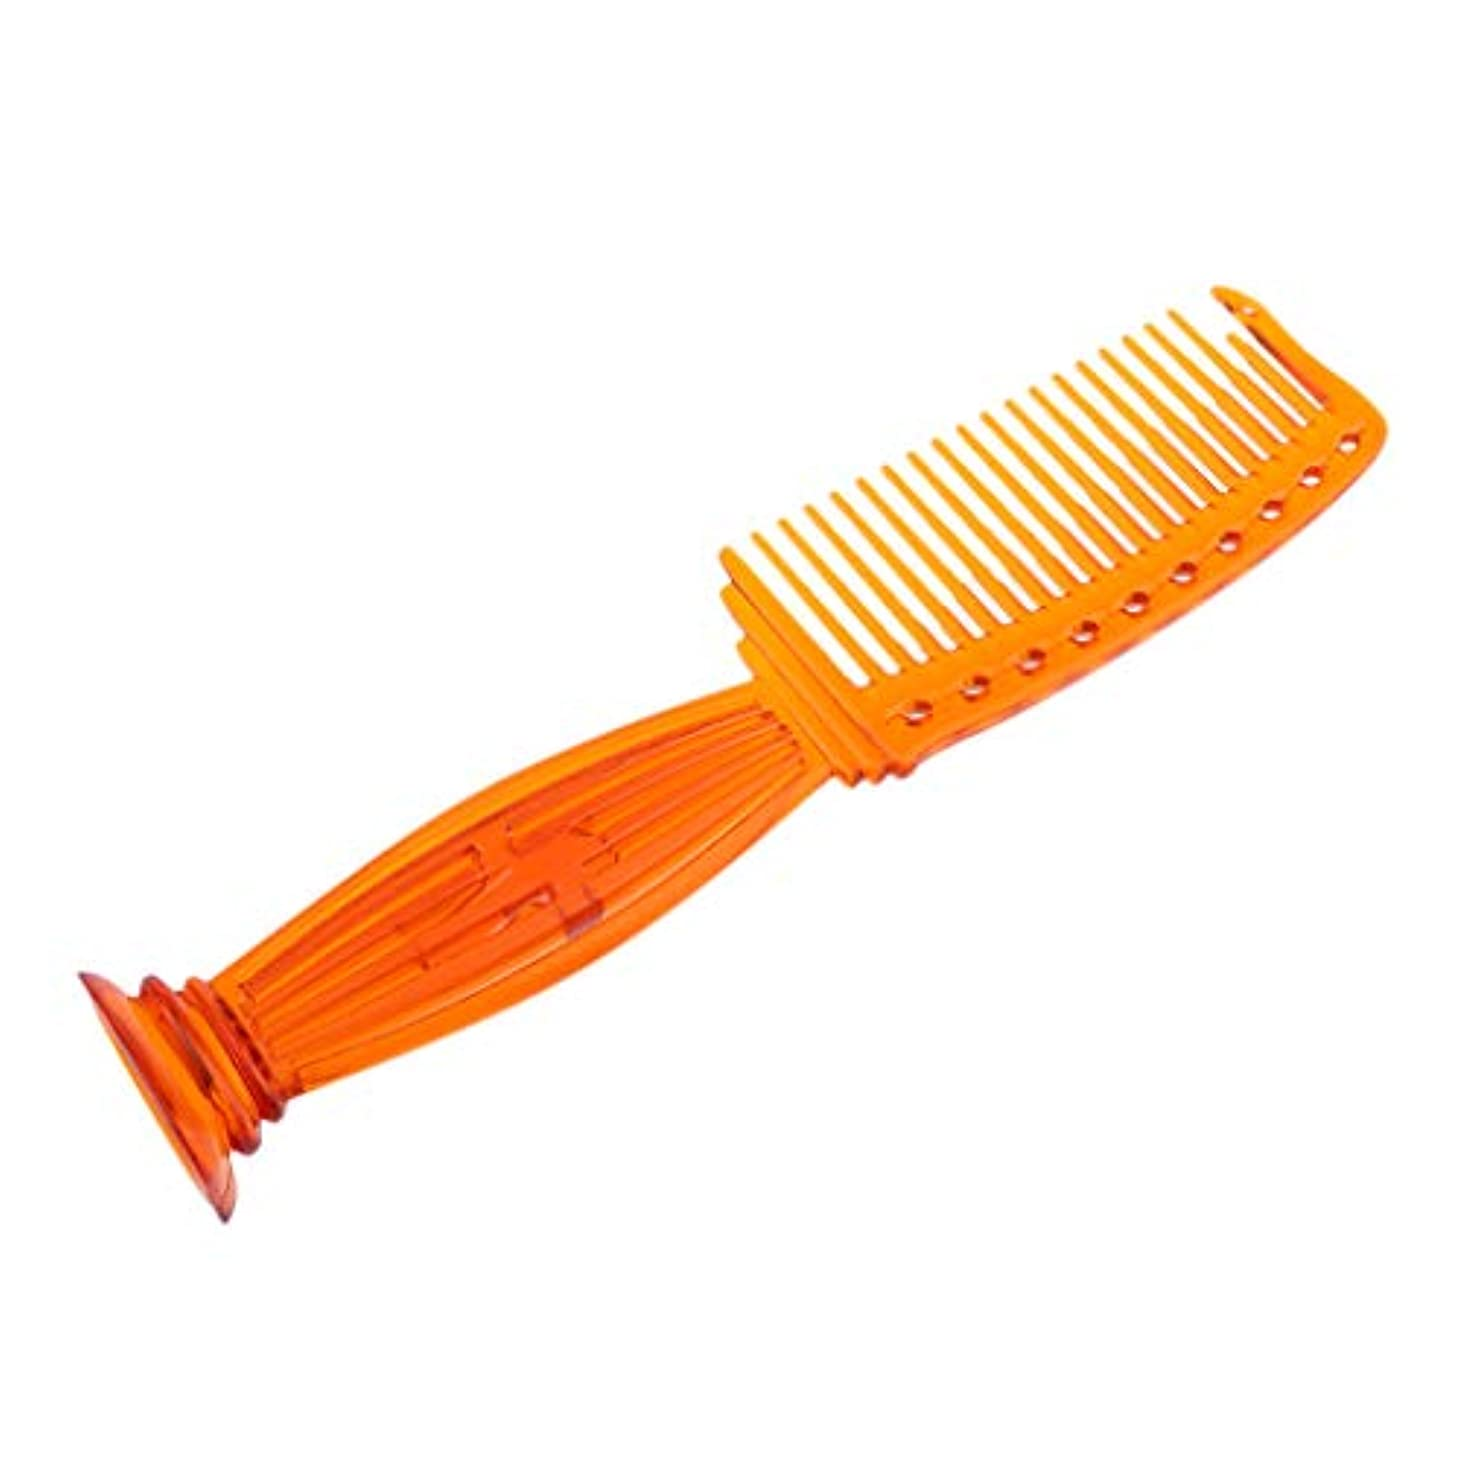 下手ずっと厚くするヘアコーム ヘアブラシ プラスチック櫛 ワイド歯 プロ ヘアサロン 理髪師 全5色選べ - オレンジ